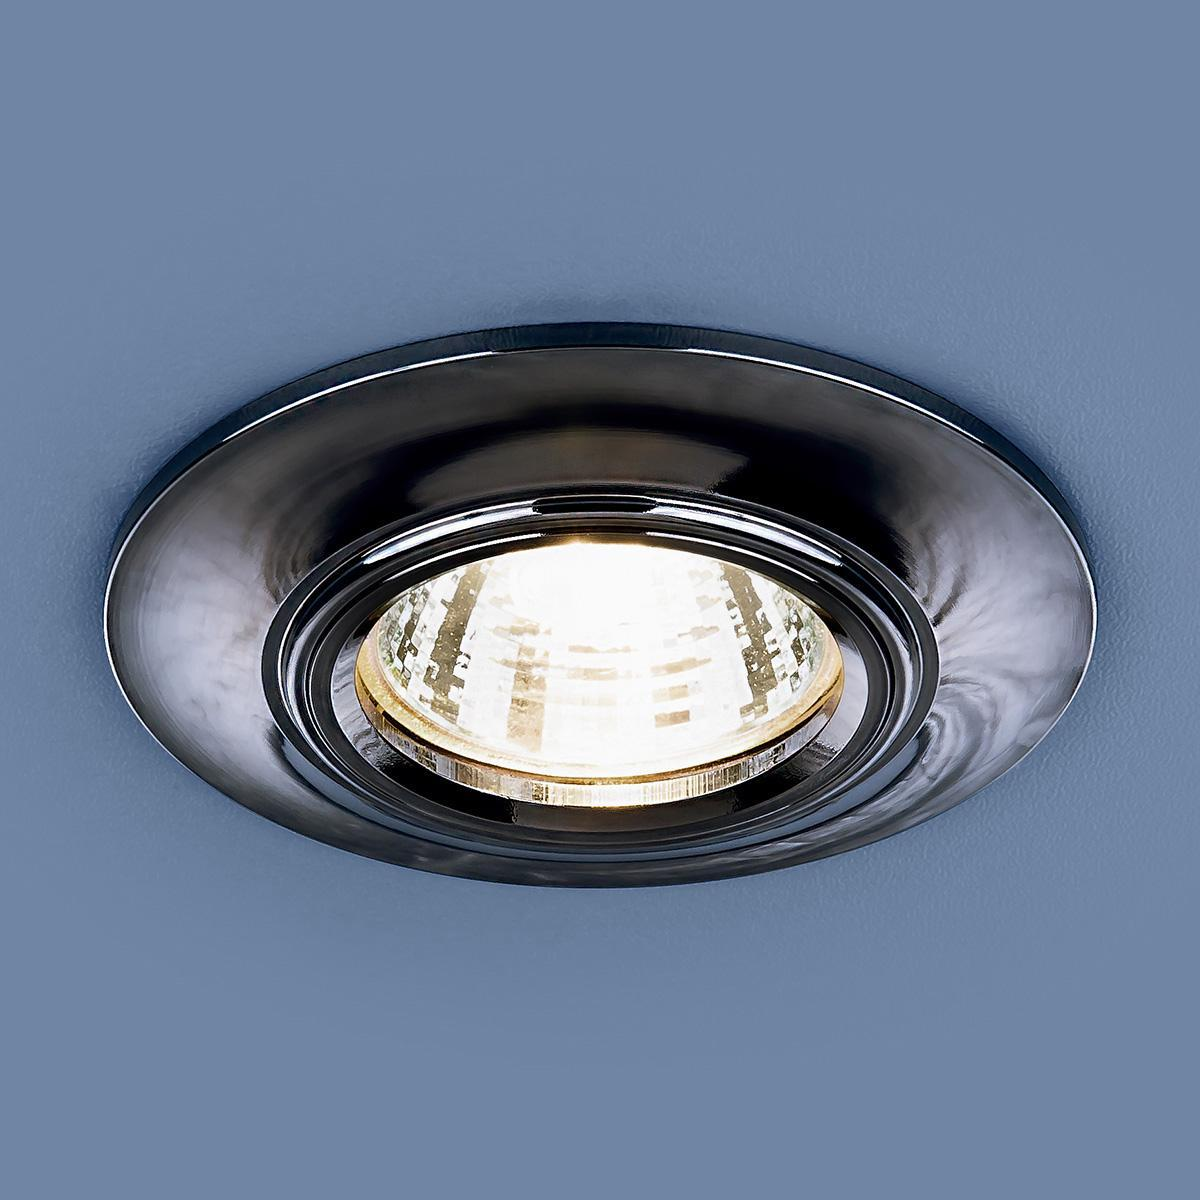 Фото - Встраиваемый светильник Elektrostandard 7007 MR16 GR графит 4690389098437 cветильник галогенный de fran встраиваемый 1х50вт mr16 ip20 зел античное золото